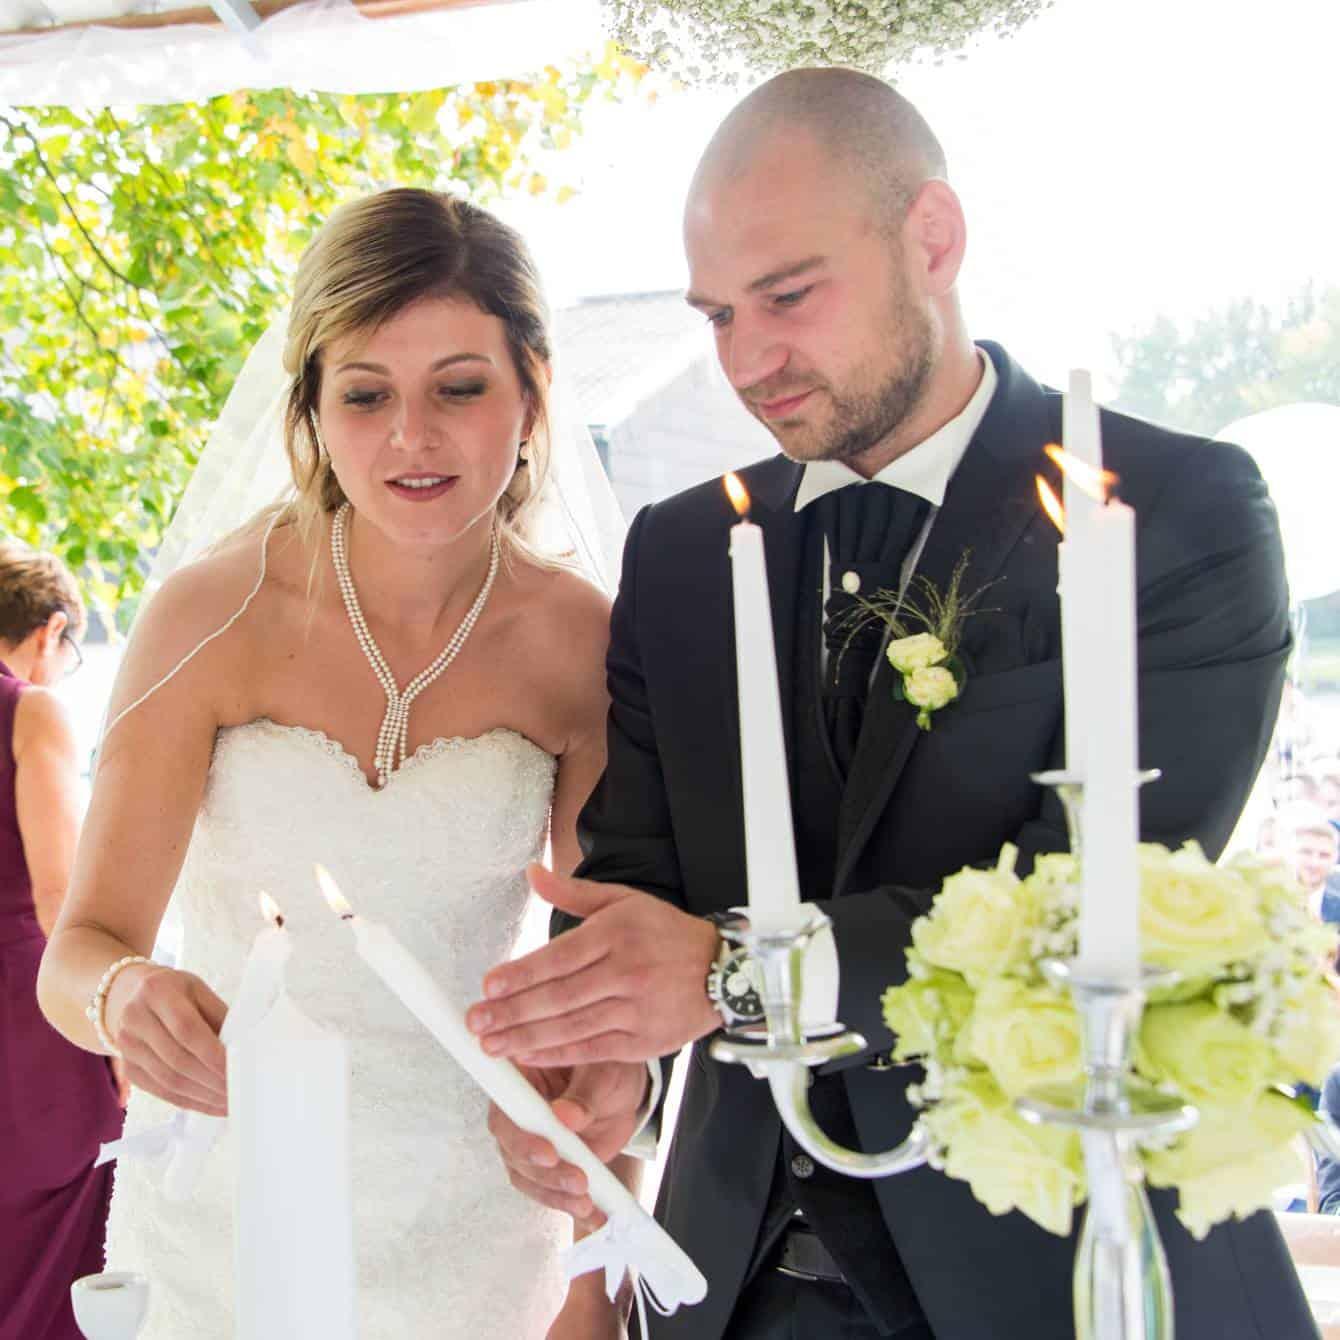 Hochzeitskerze wird entzündet